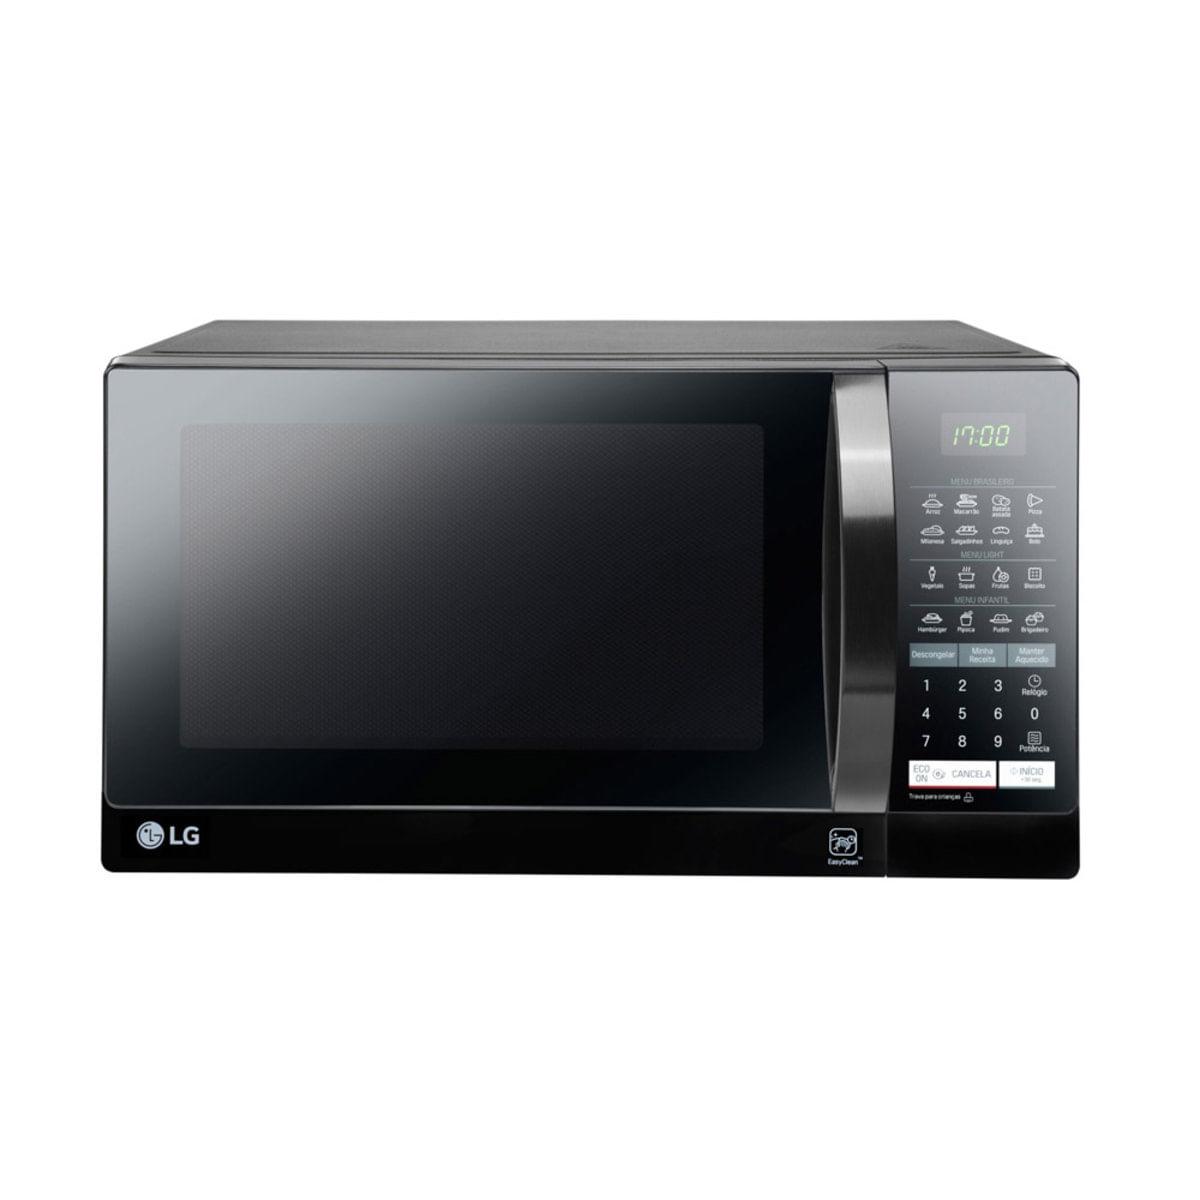 Micro-ondas LG MS3057QA 30 Litros Preto 220V